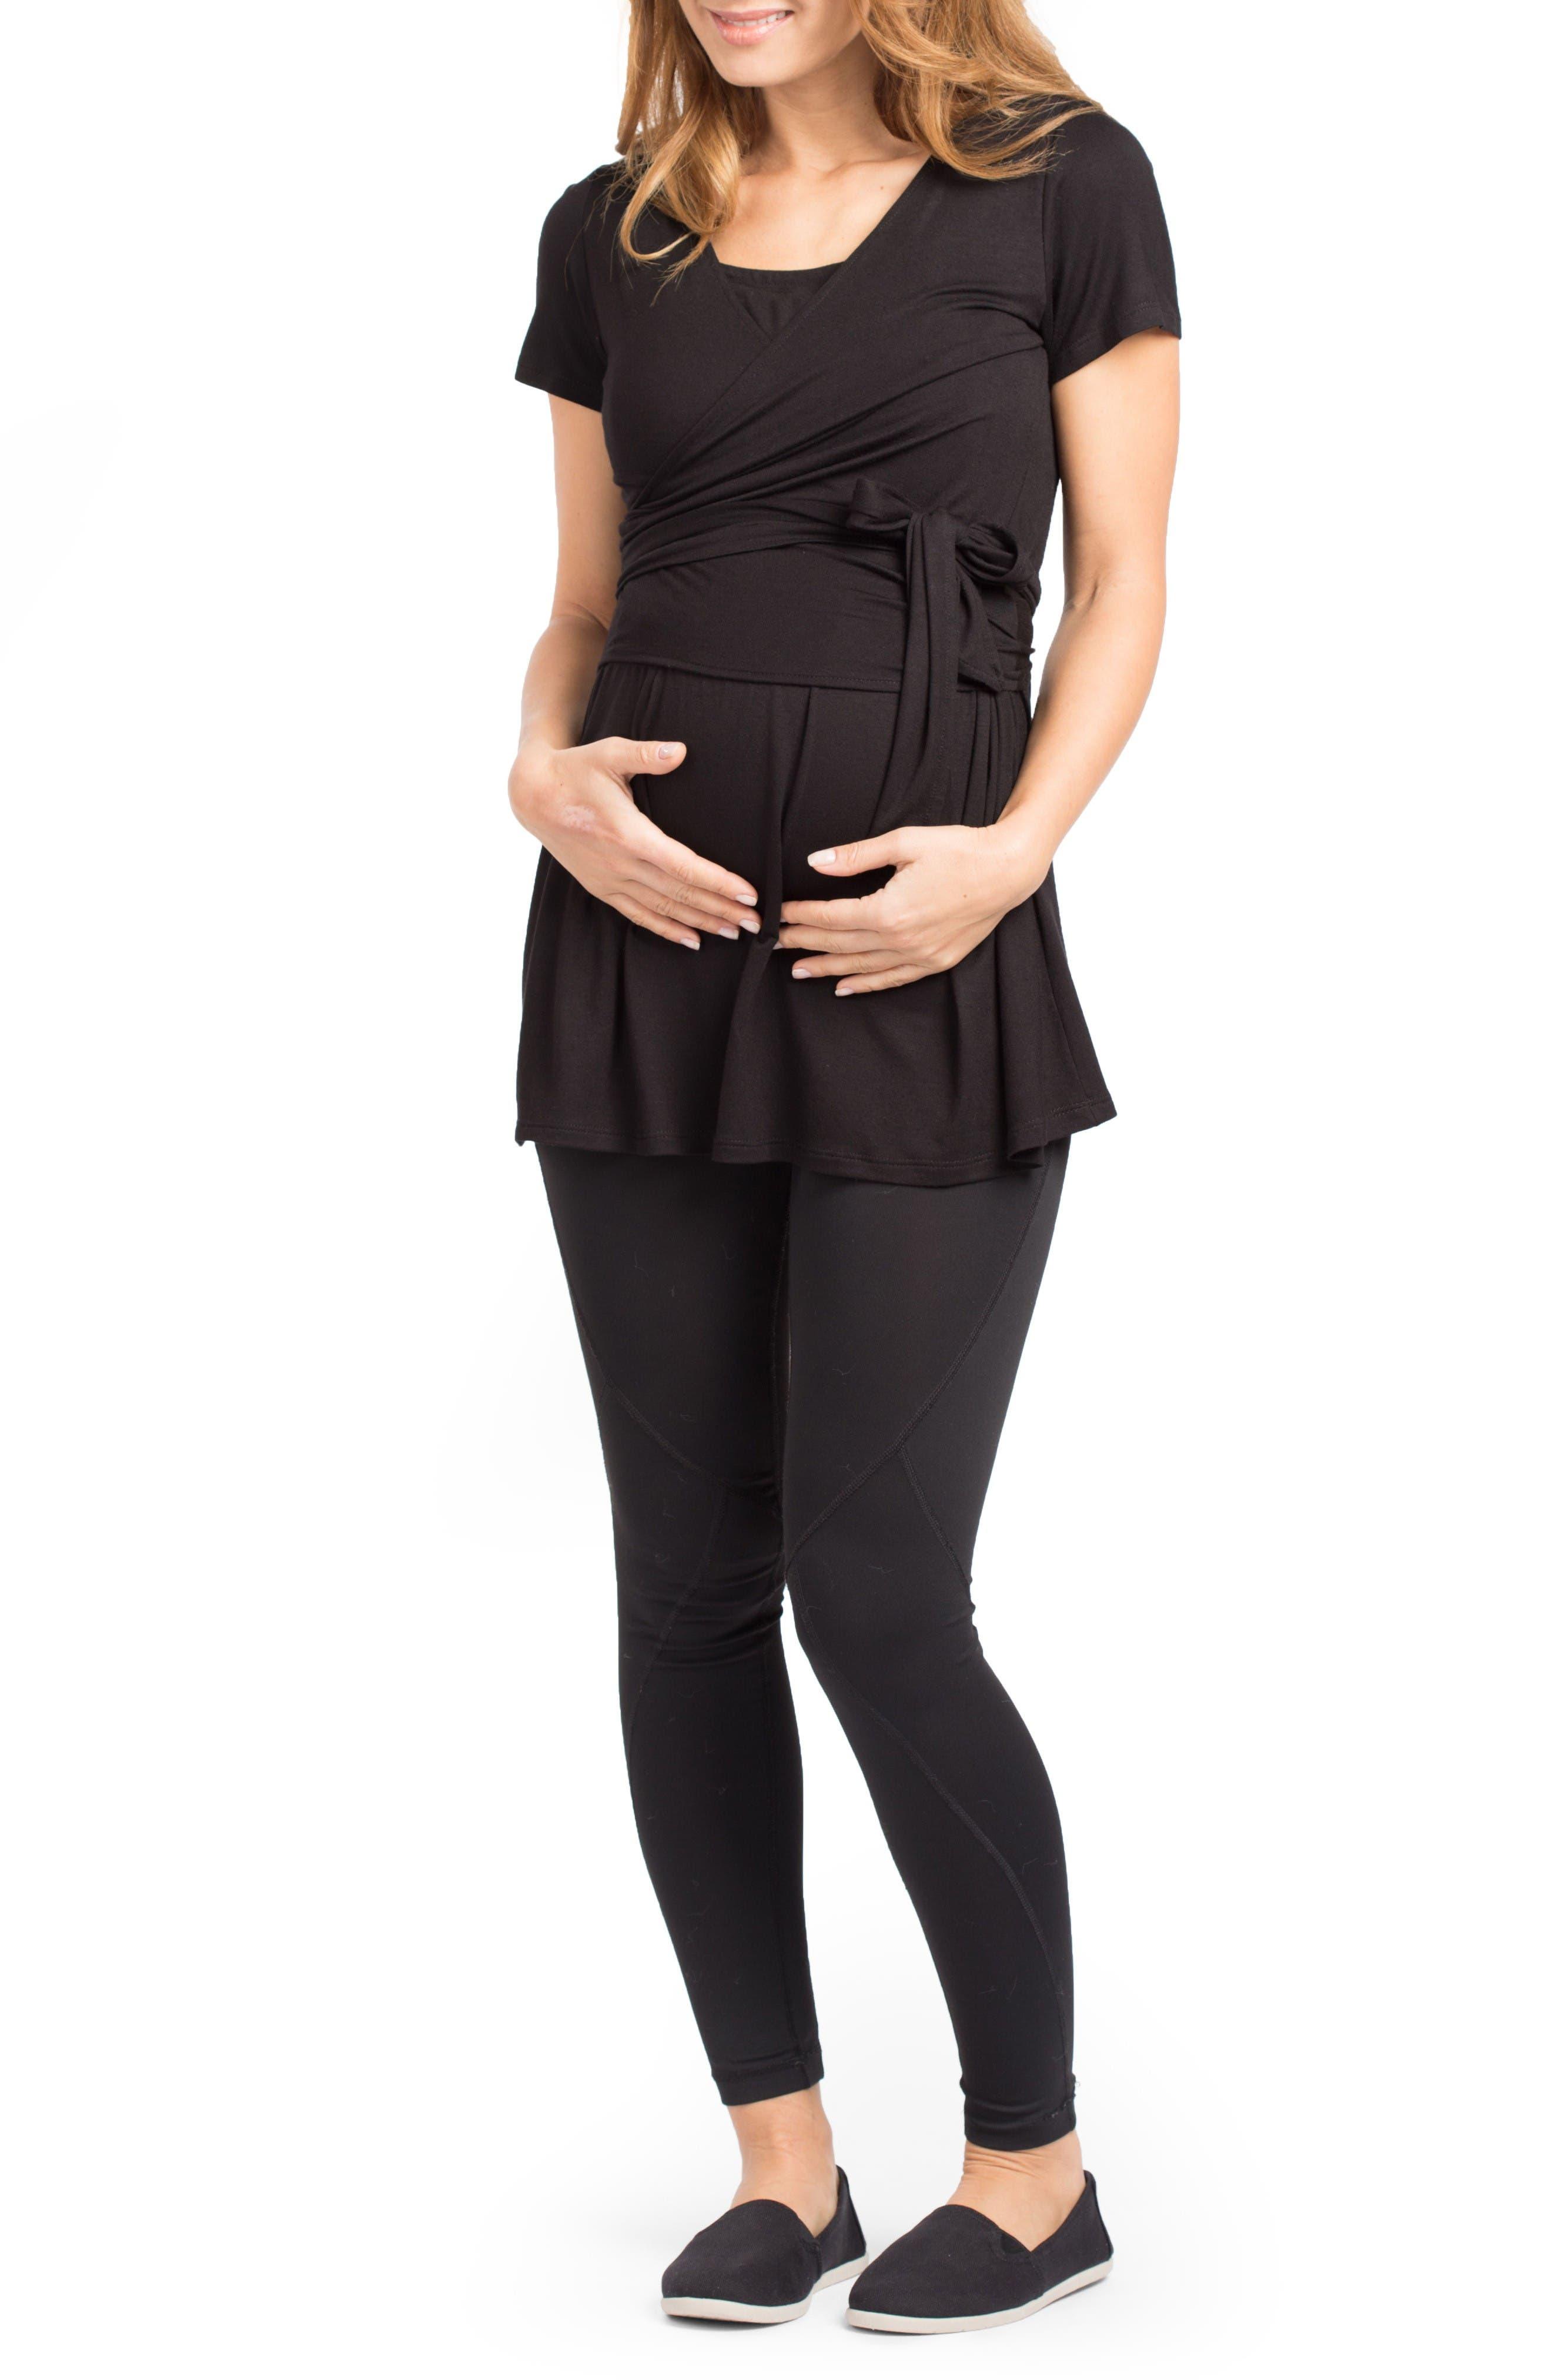 Savi Mom Pasadena Wrap Maternity Tunic